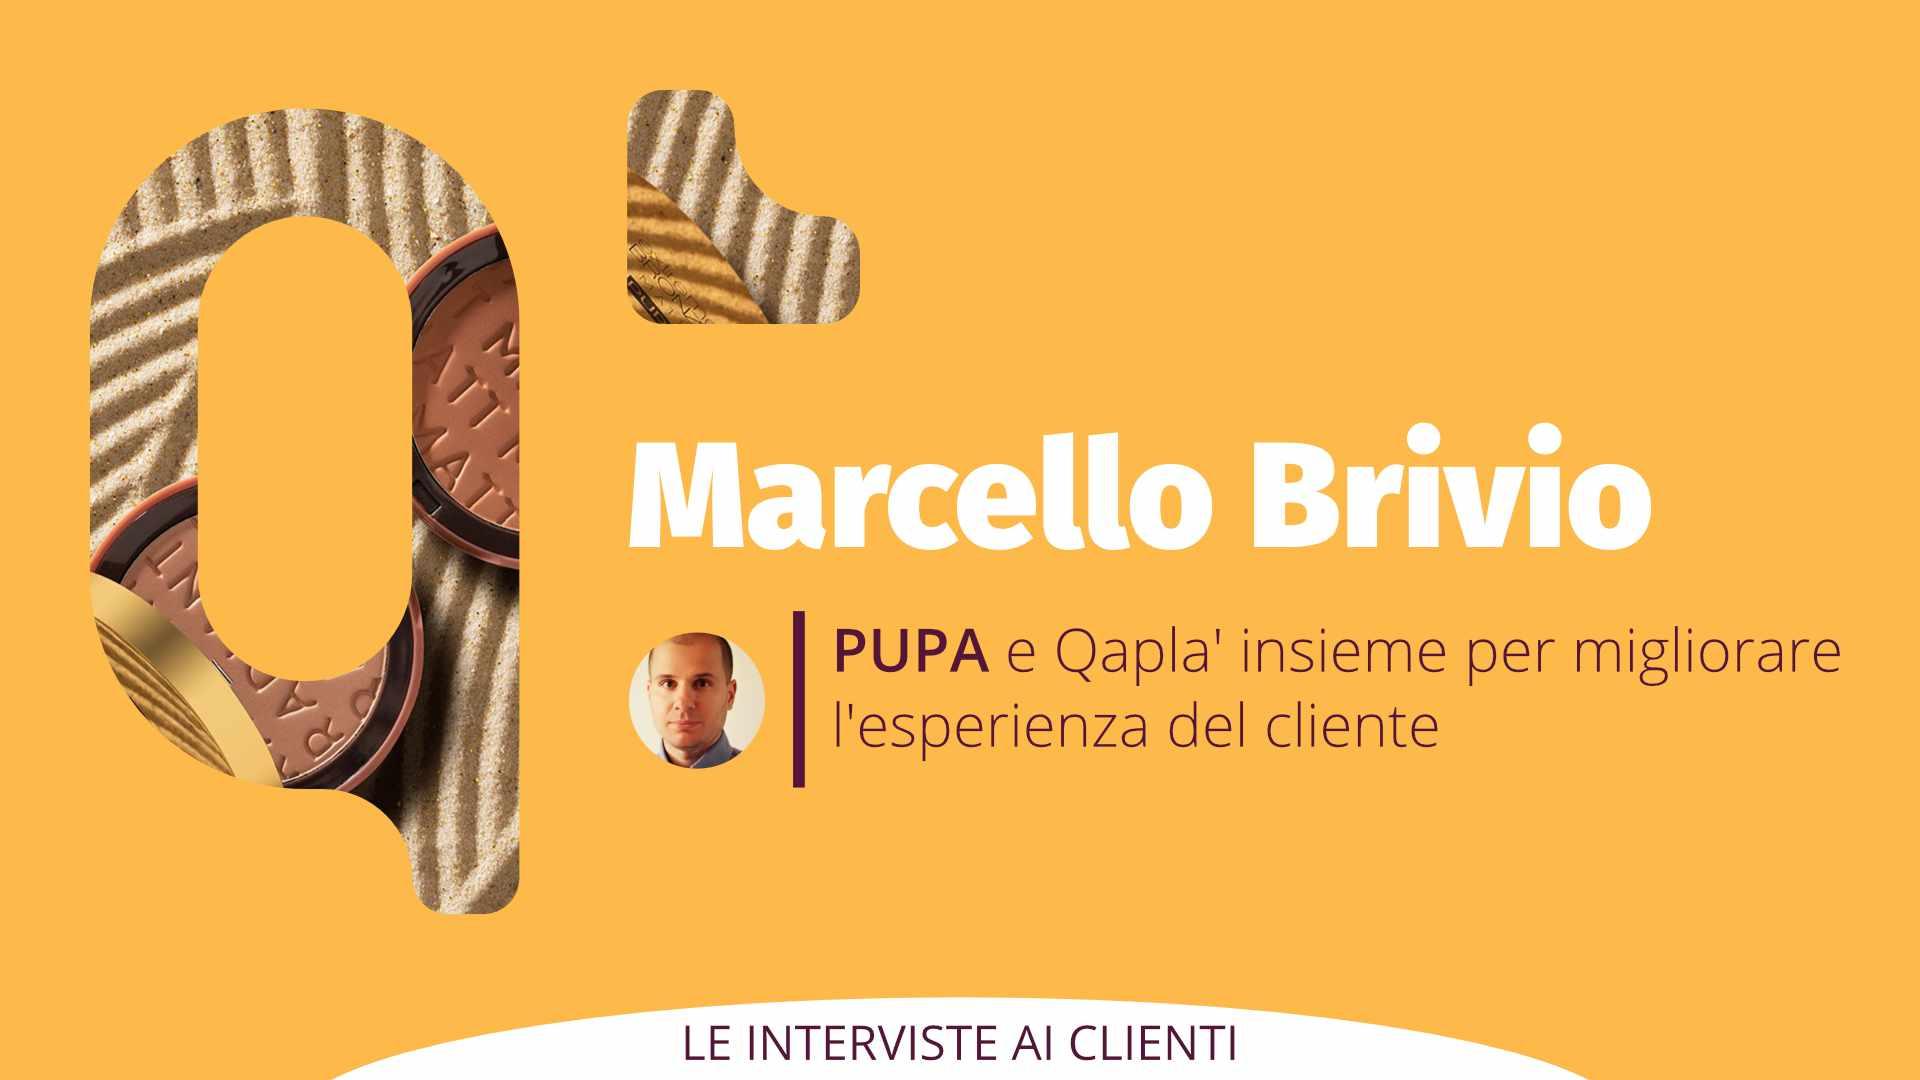 Qapla' presenta PUPA Milano: Intervista a Marcello Brivio